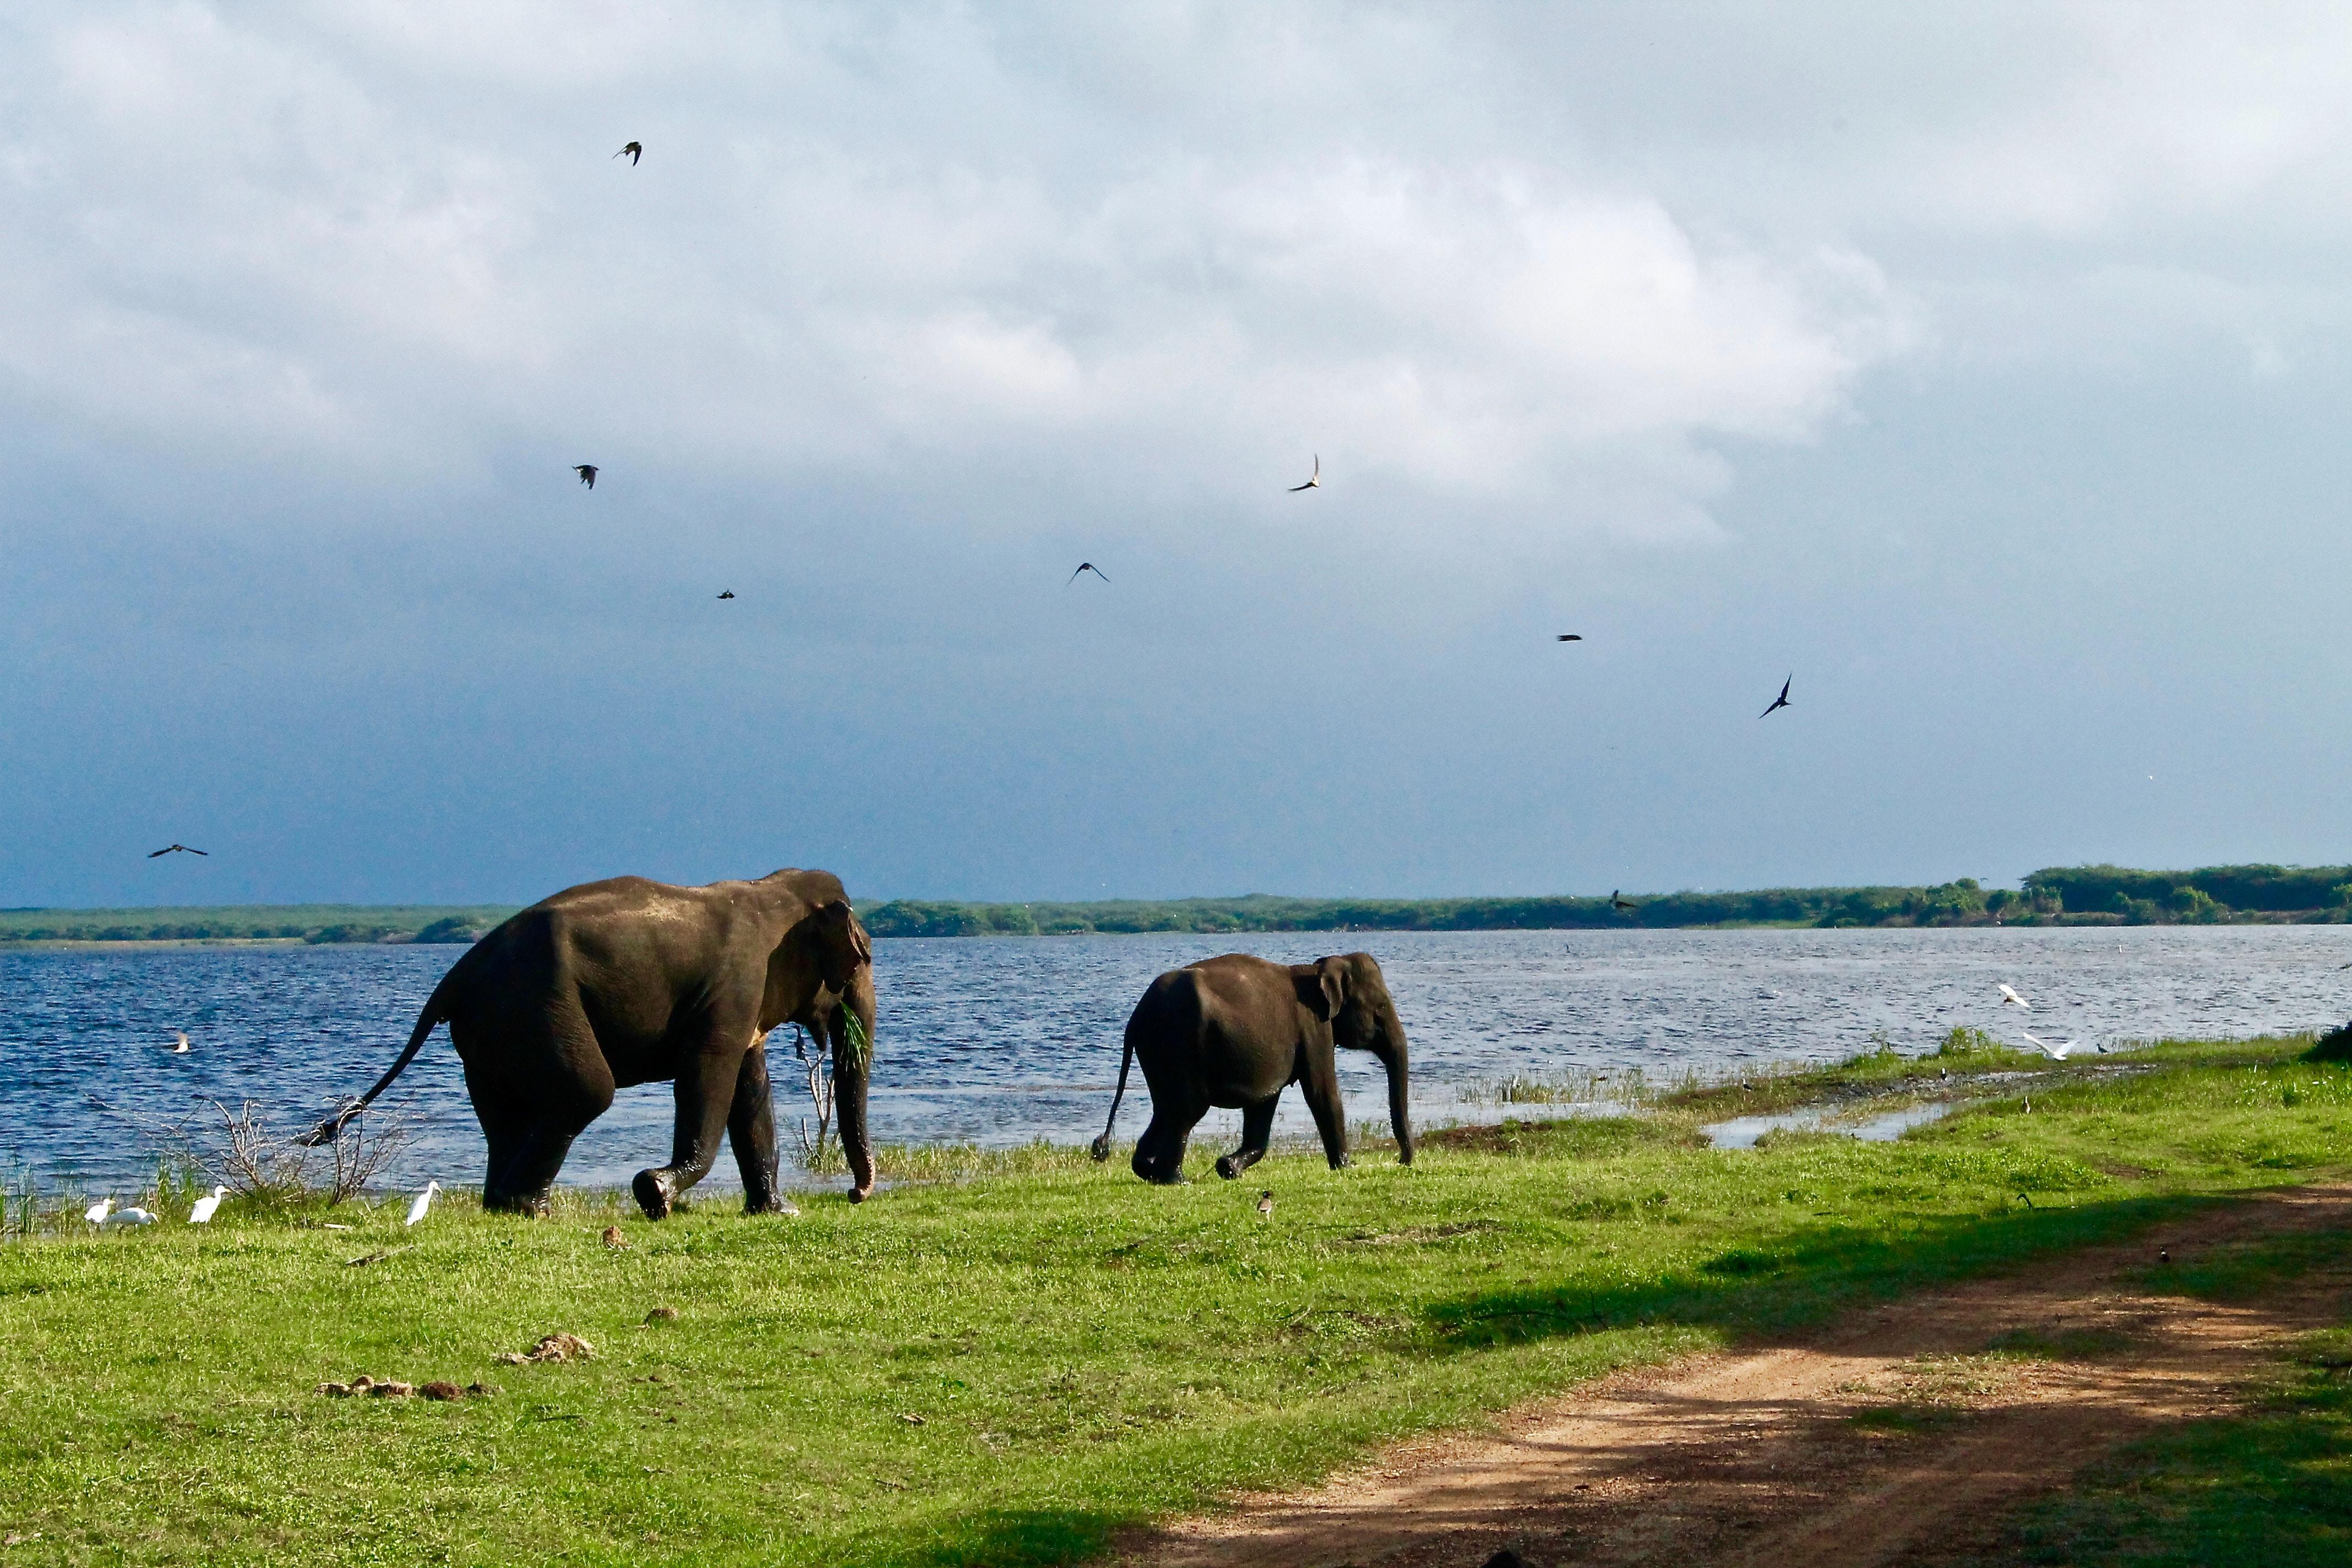 2 éléphants au bord d'un lac